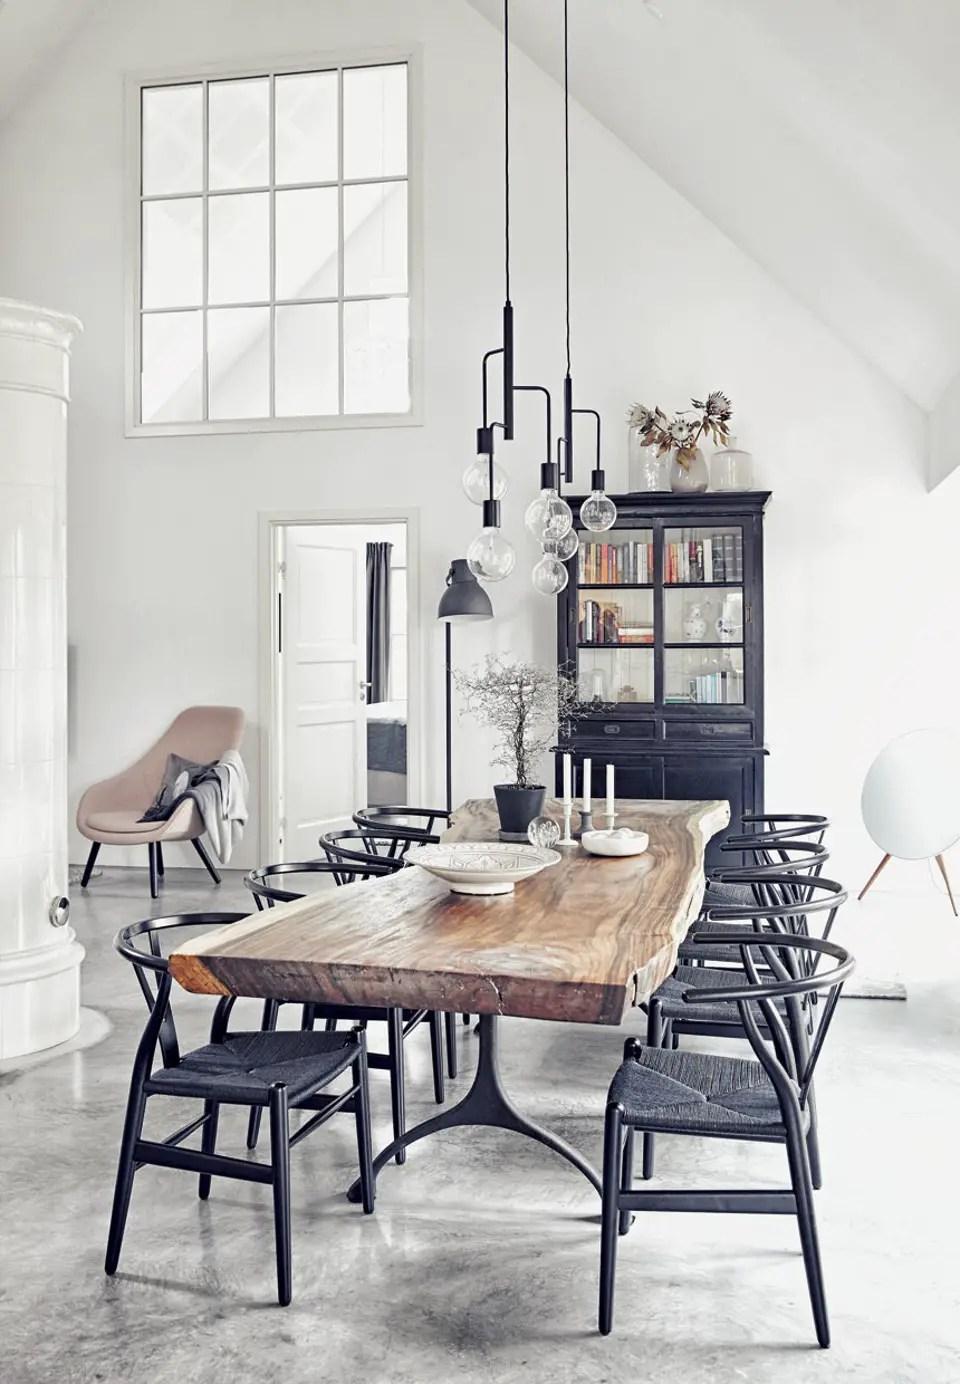 de la chaleur pour une maison neuve planete deco a homes world bloglovin. Black Bedroom Furniture Sets. Home Design Ideas